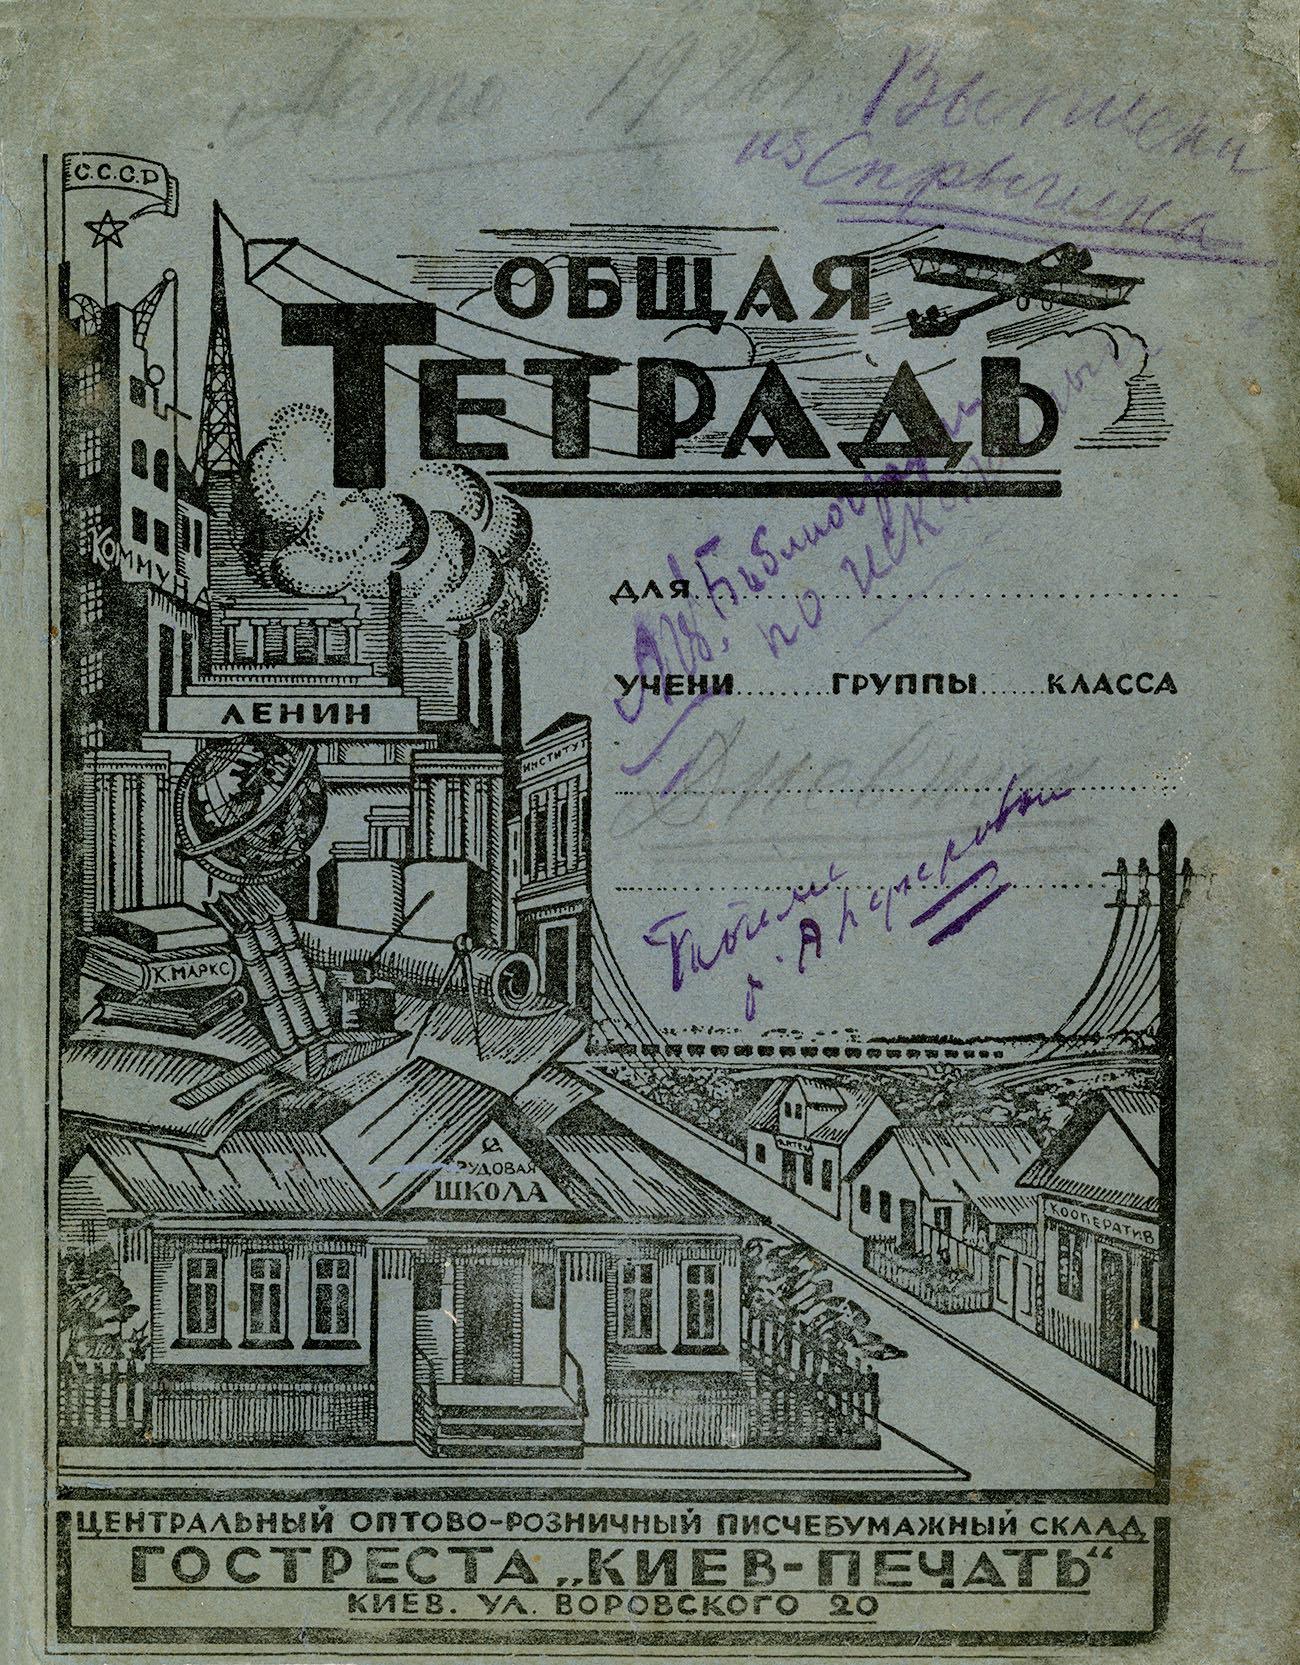 Тетрадь Общая Киев-печать, 170х220